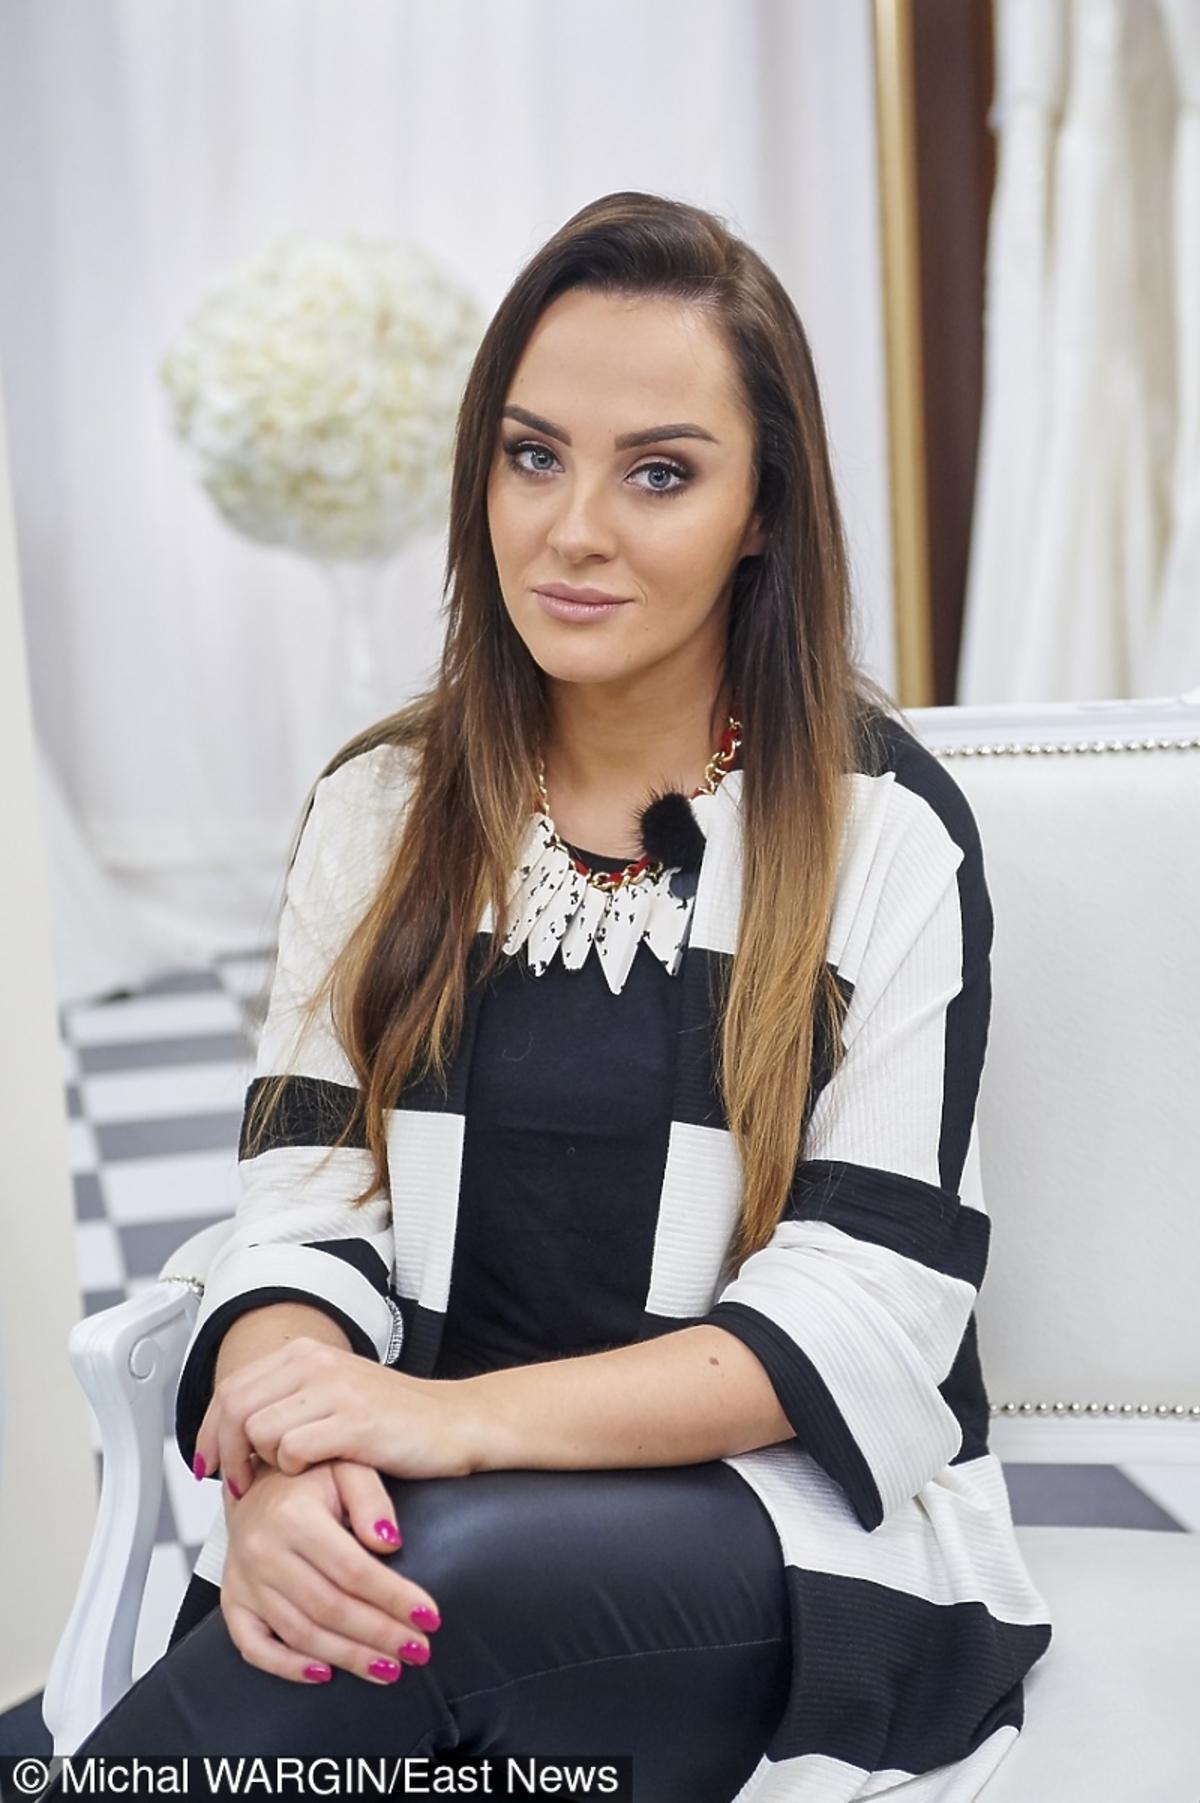 siostra Natalii Siwiec w swetrze w pasy